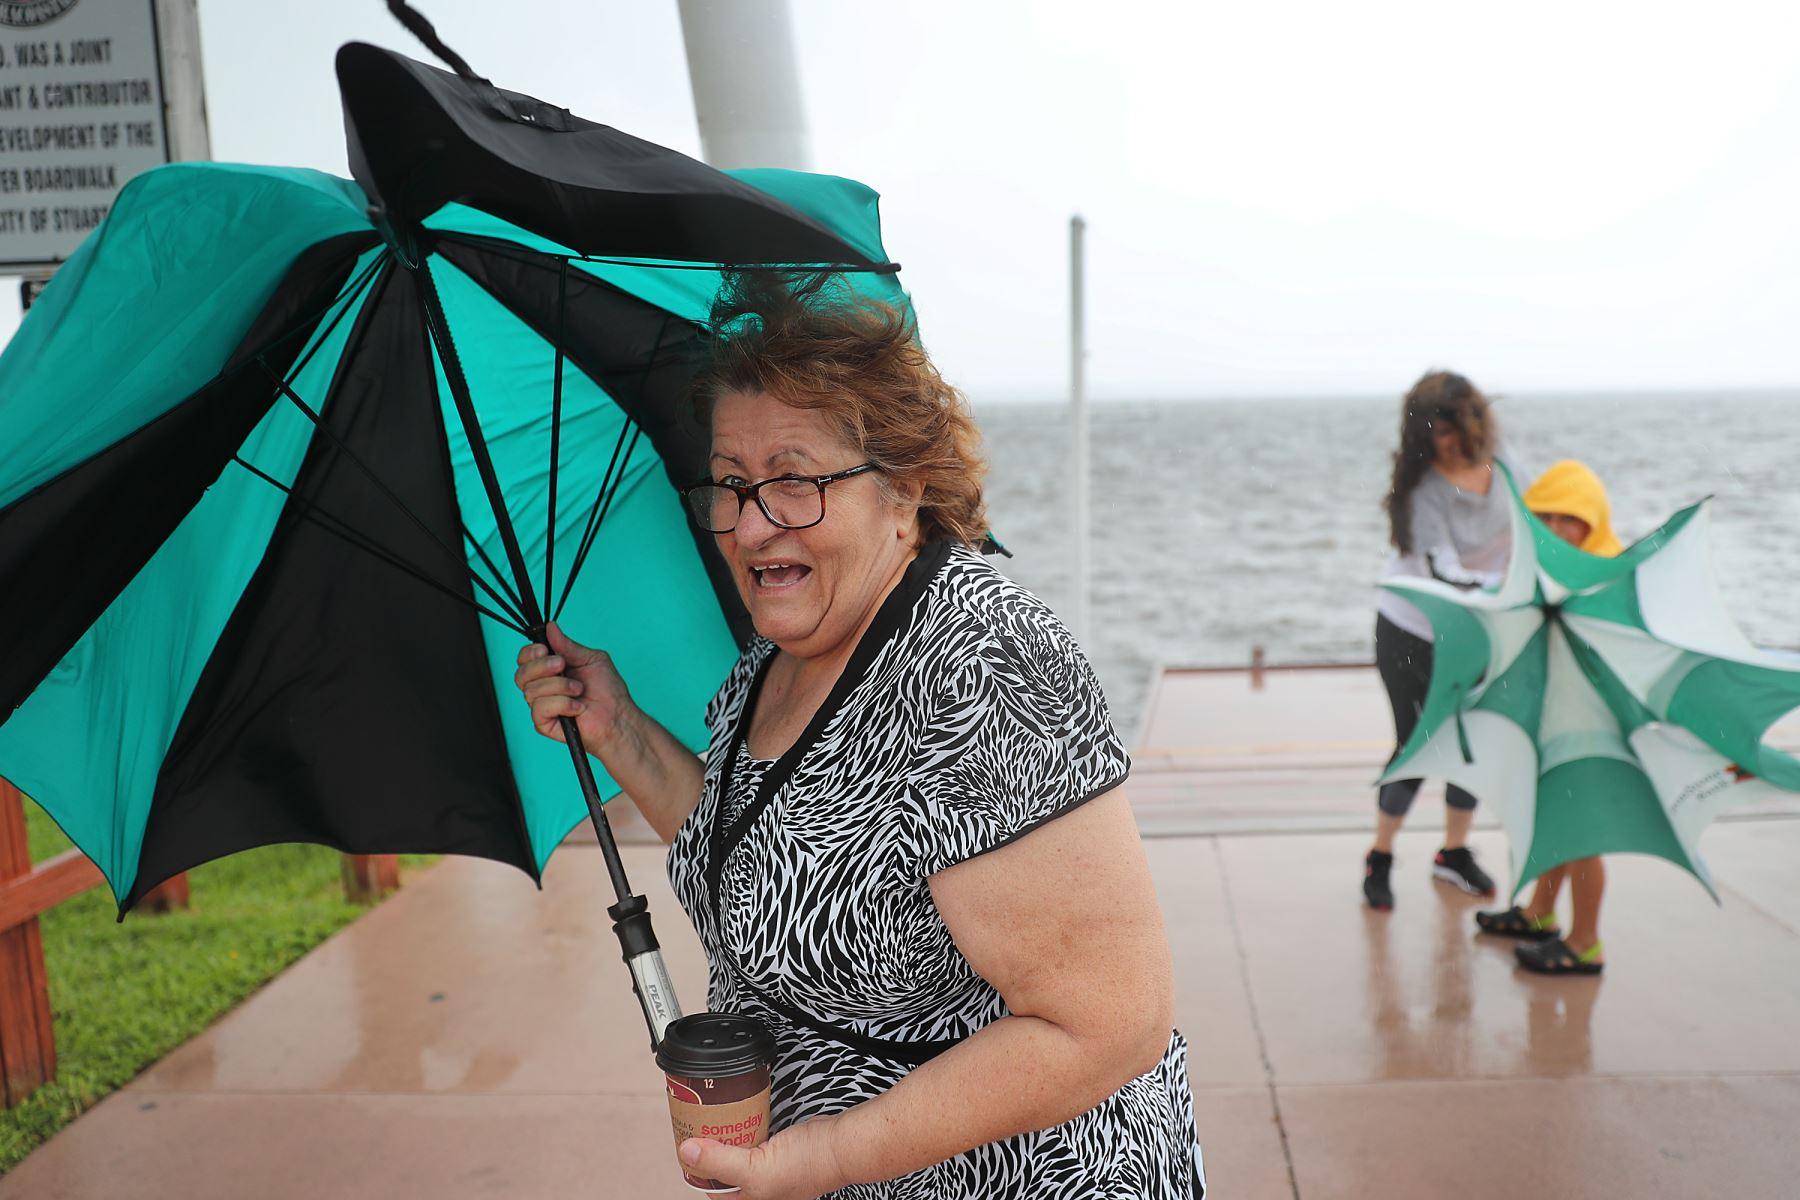 Residentes del estado de Florida se preparan para la llegada de Dorian. Foto: AFP